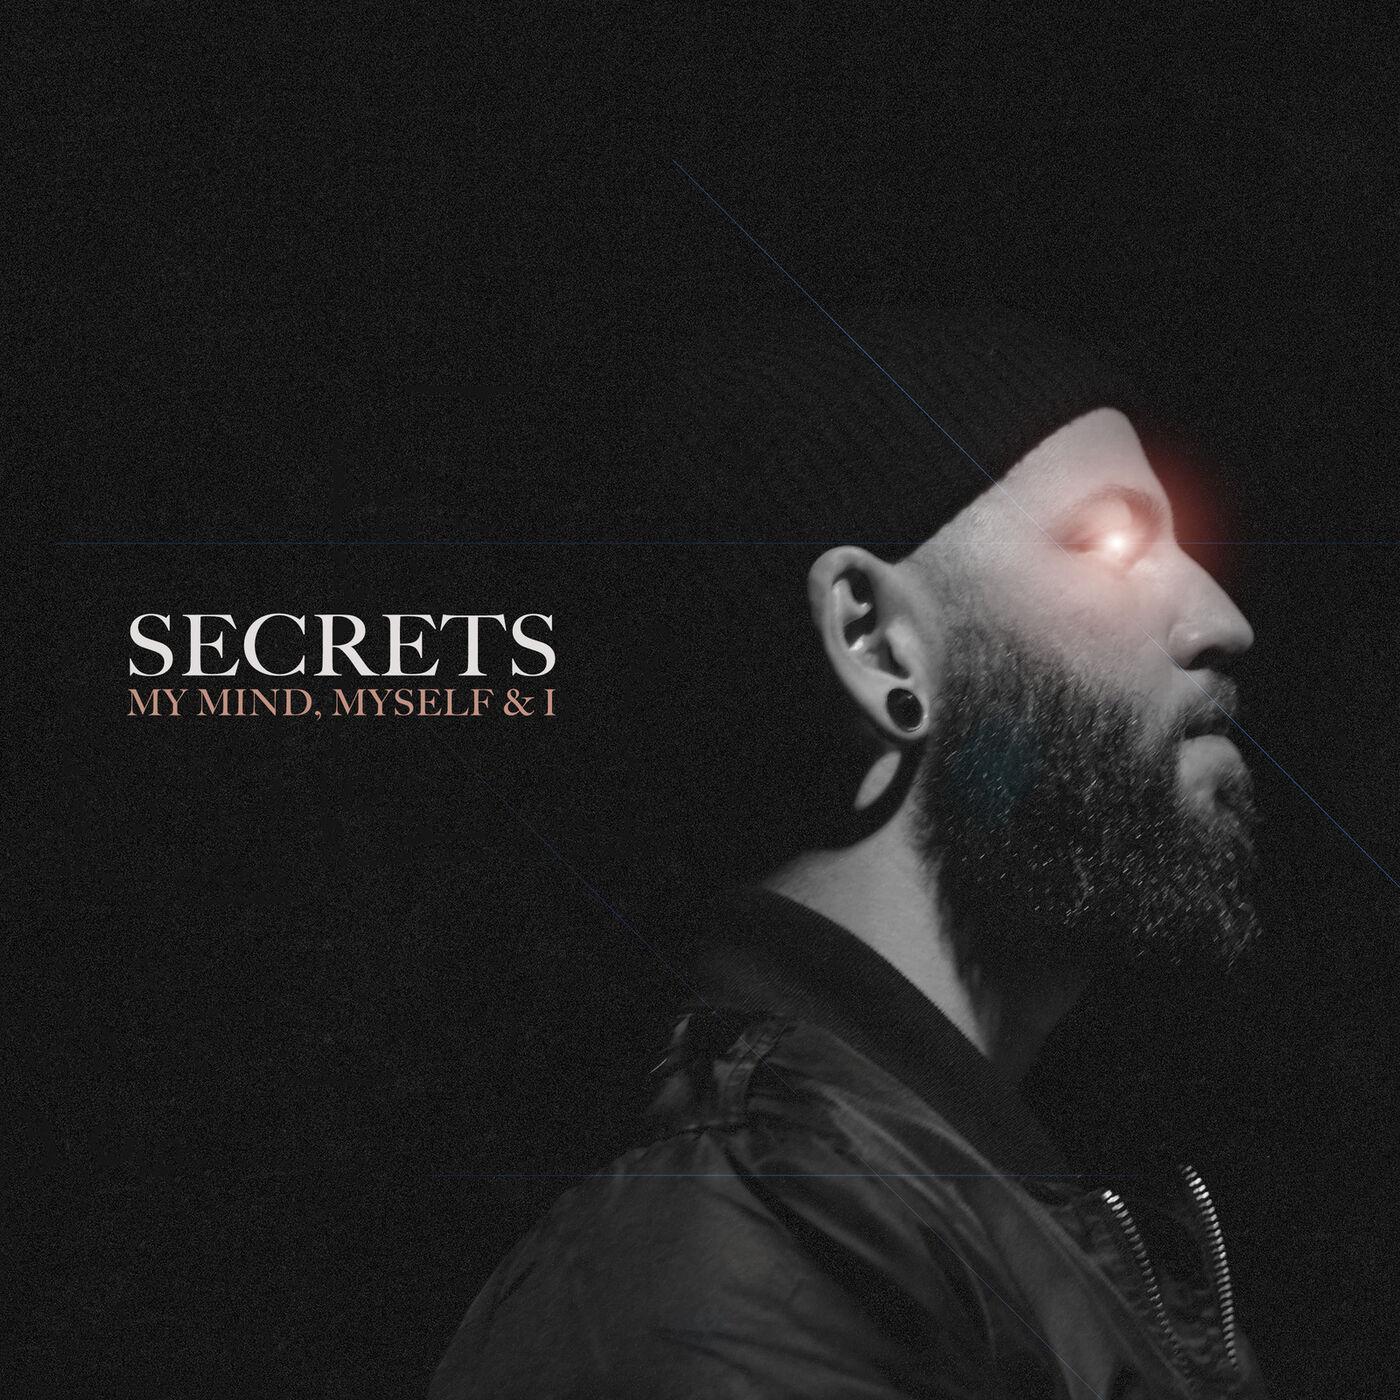 Secrets - My Mind, Myself & I [single] (2019)